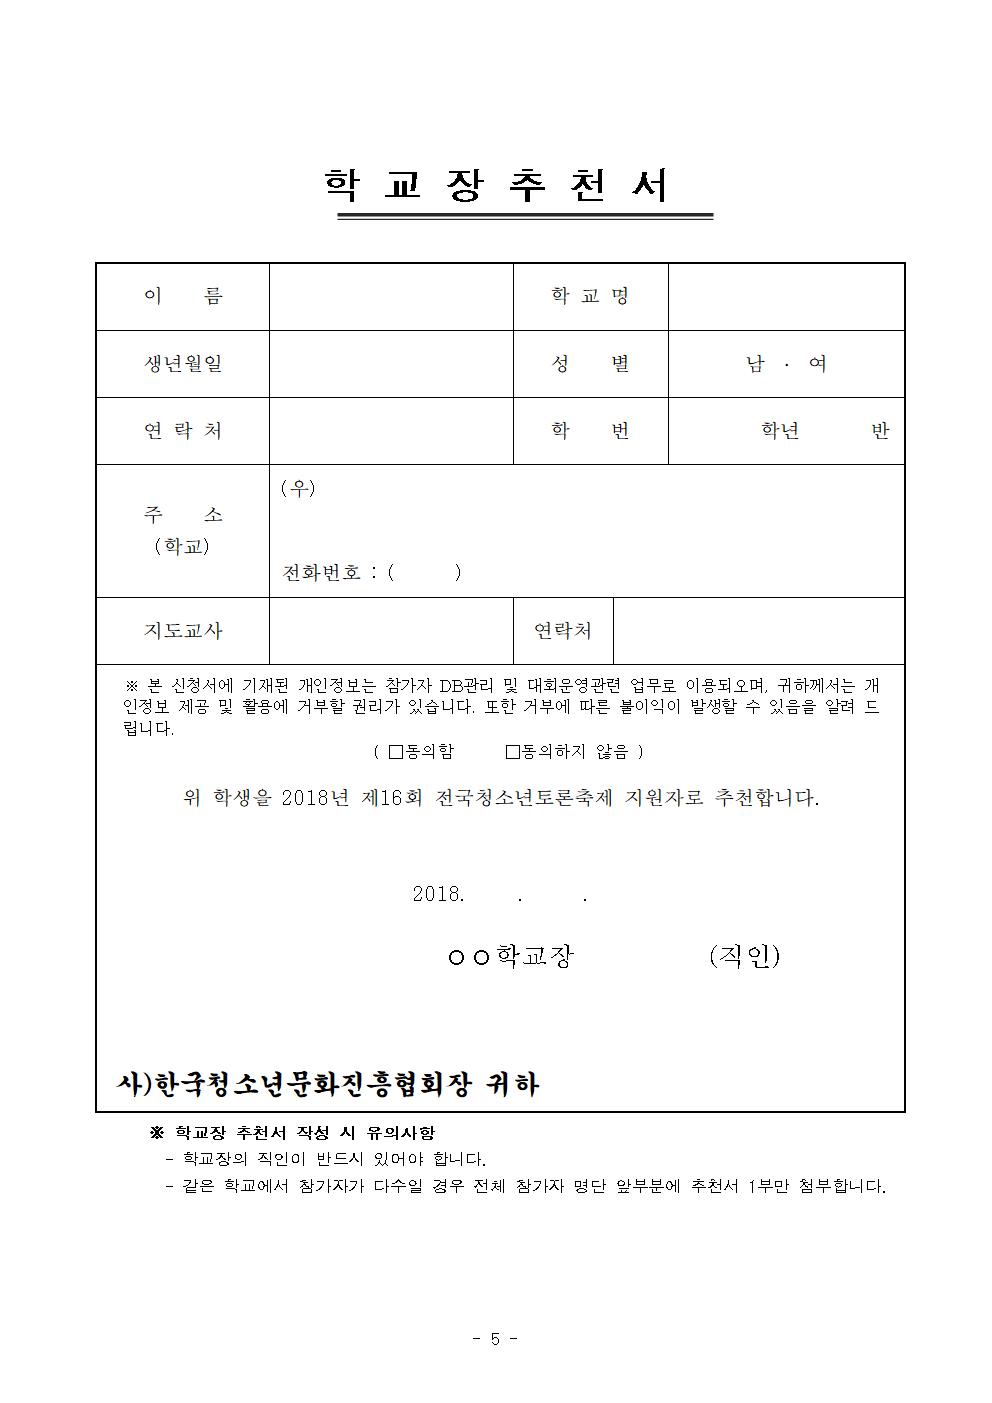 제16회전국청소년토론대회안내문(수정)005.png